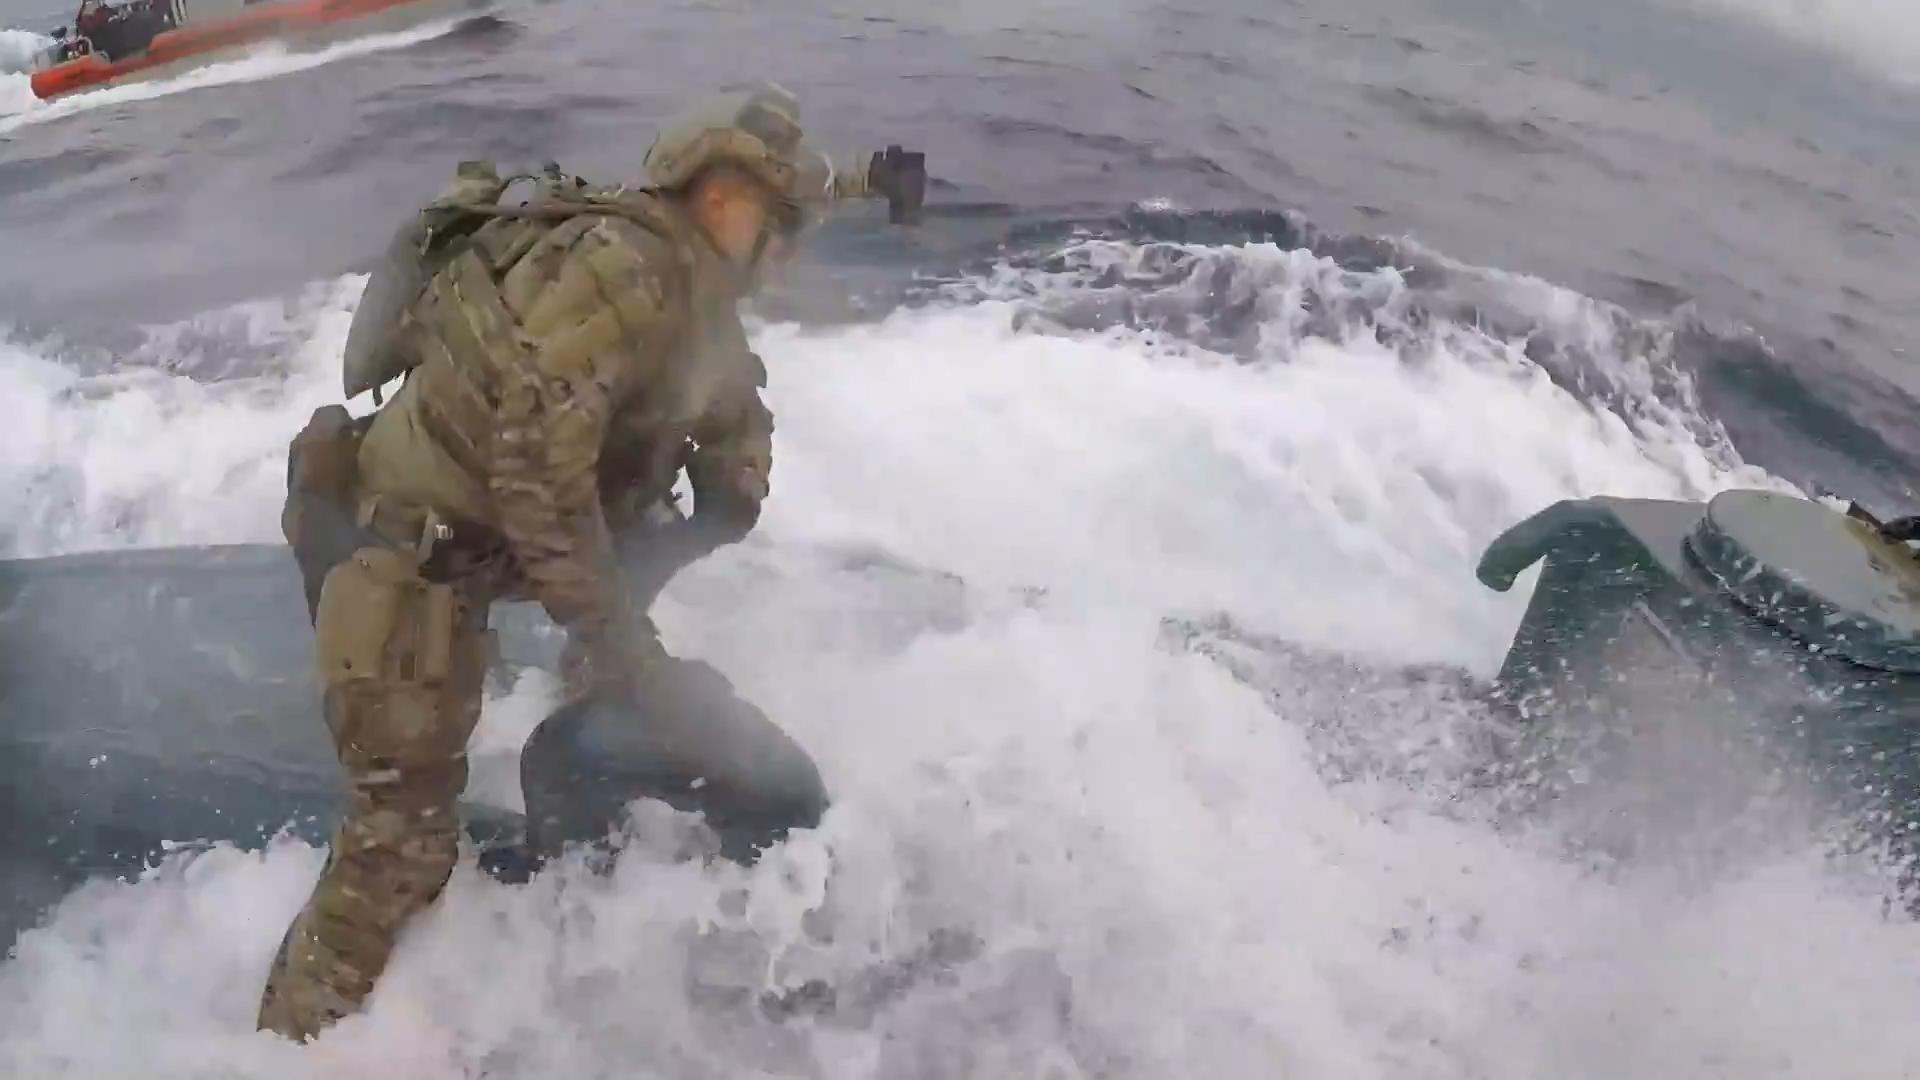 (VIDEO) Coca nel sottomarino dei narcos, lo spettacolare inseguimento nel Pacifico